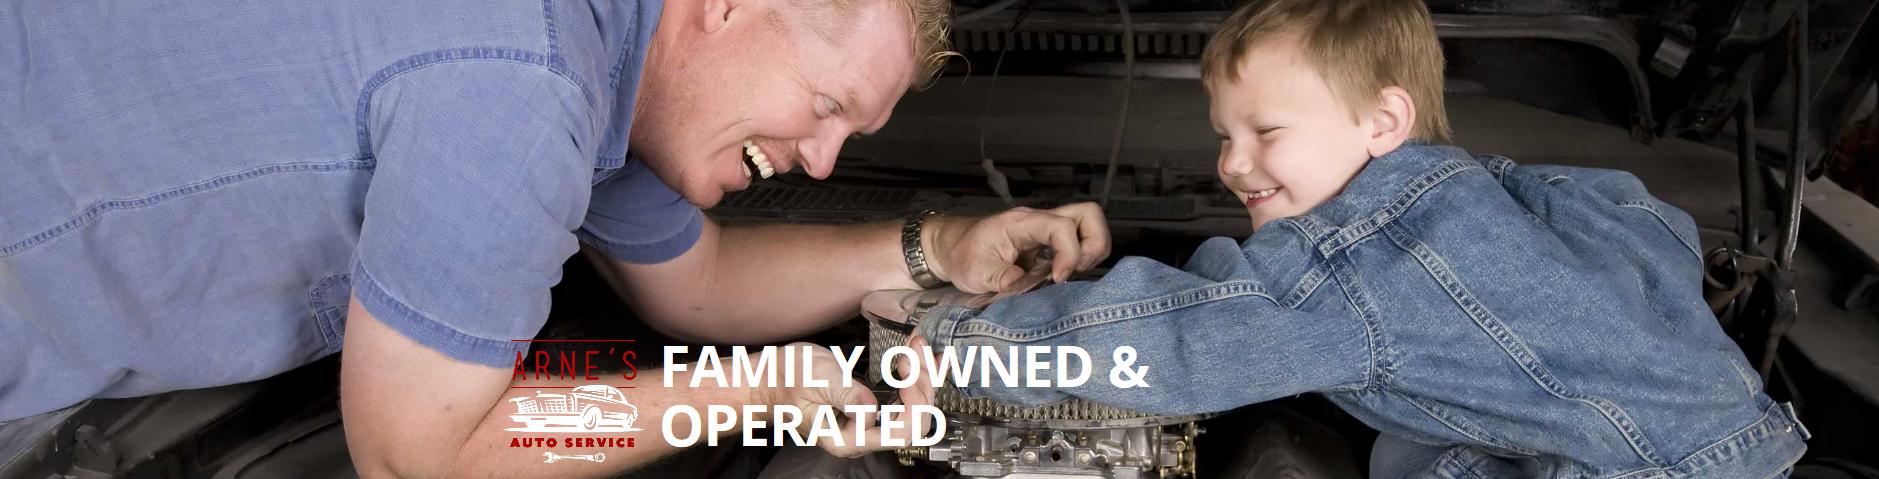 Arne's Auto Services, Inc image 6